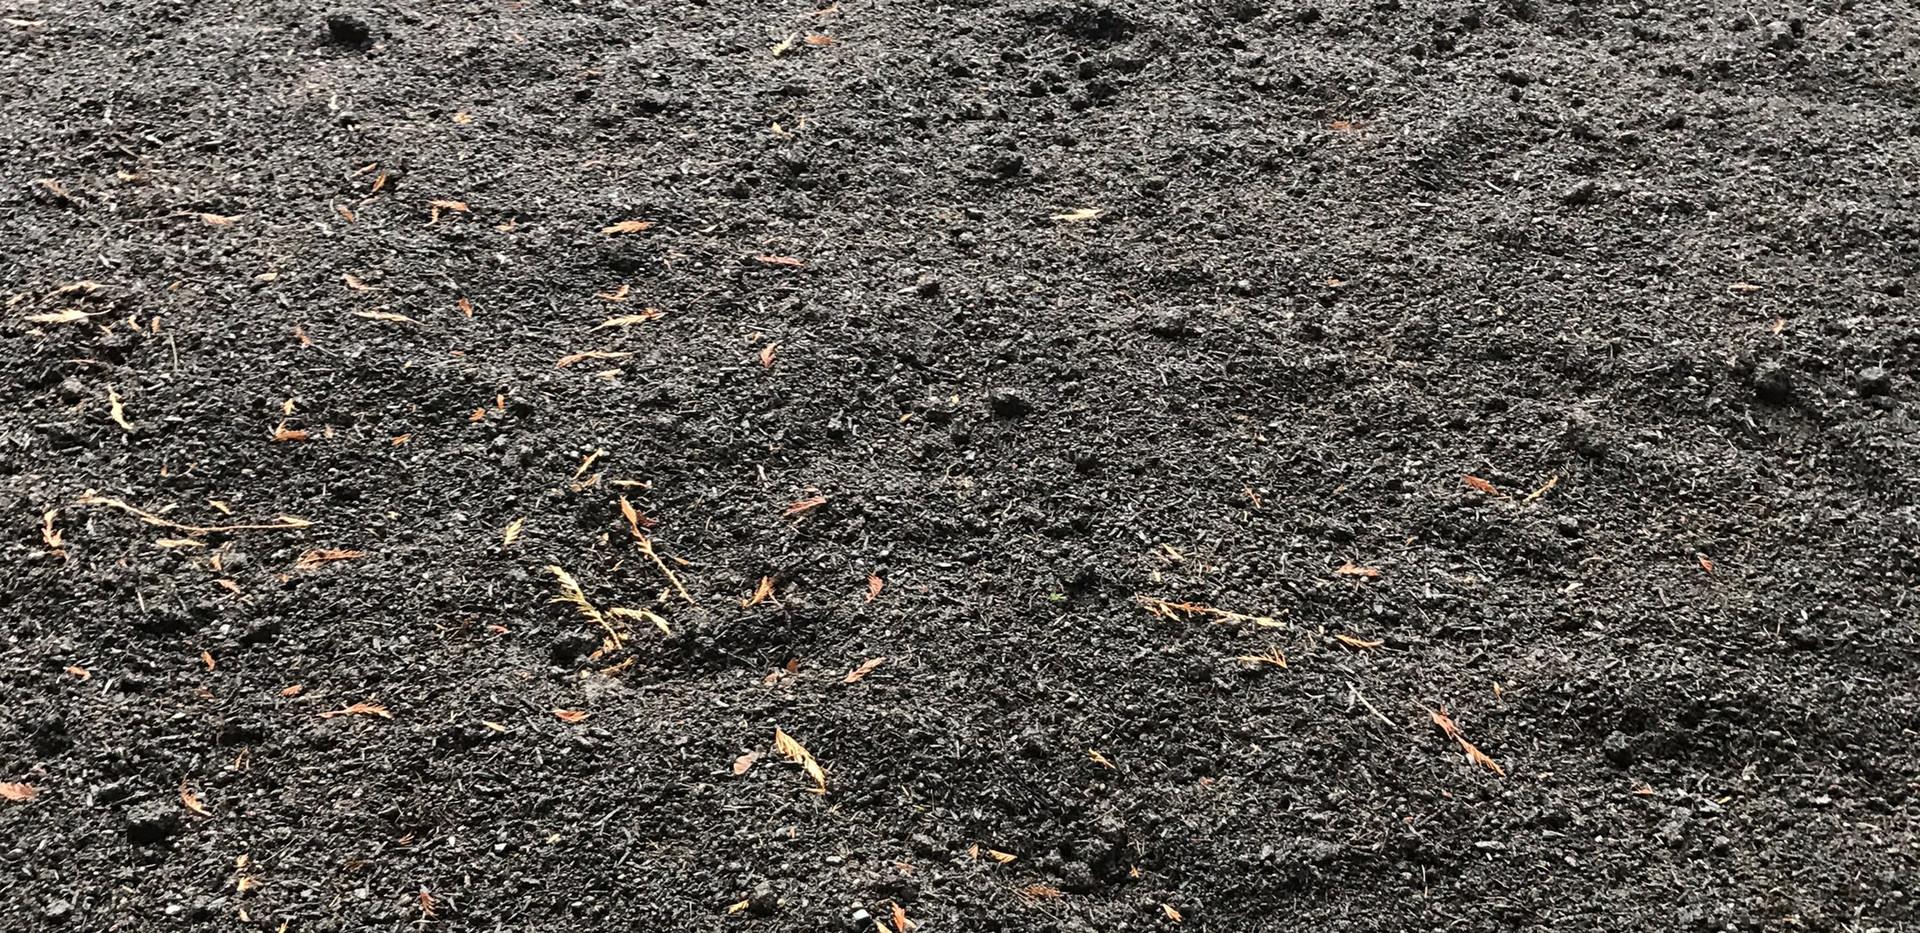 Ground leveling